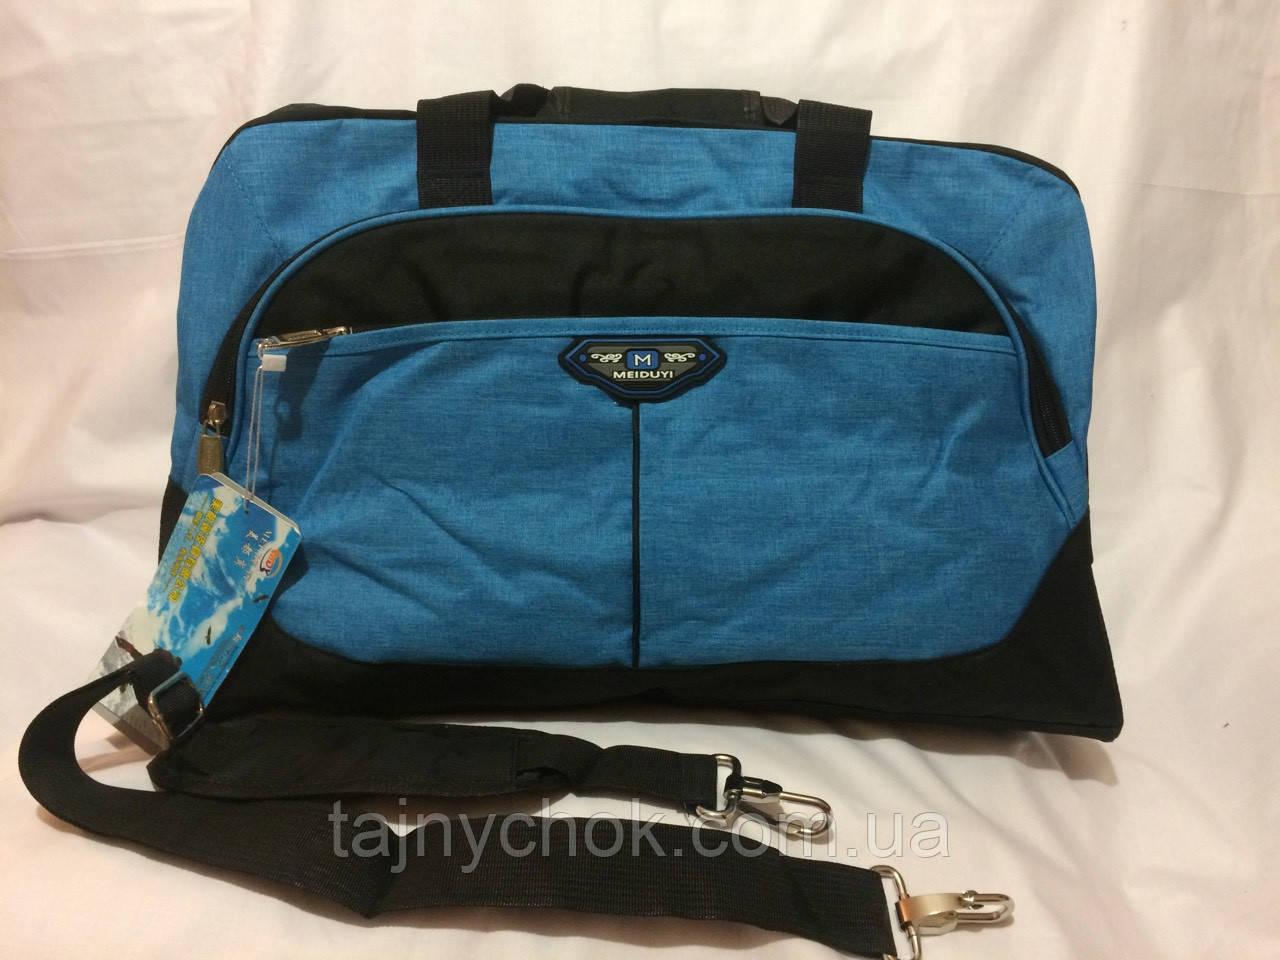 Дорожная сумка 50/32 см